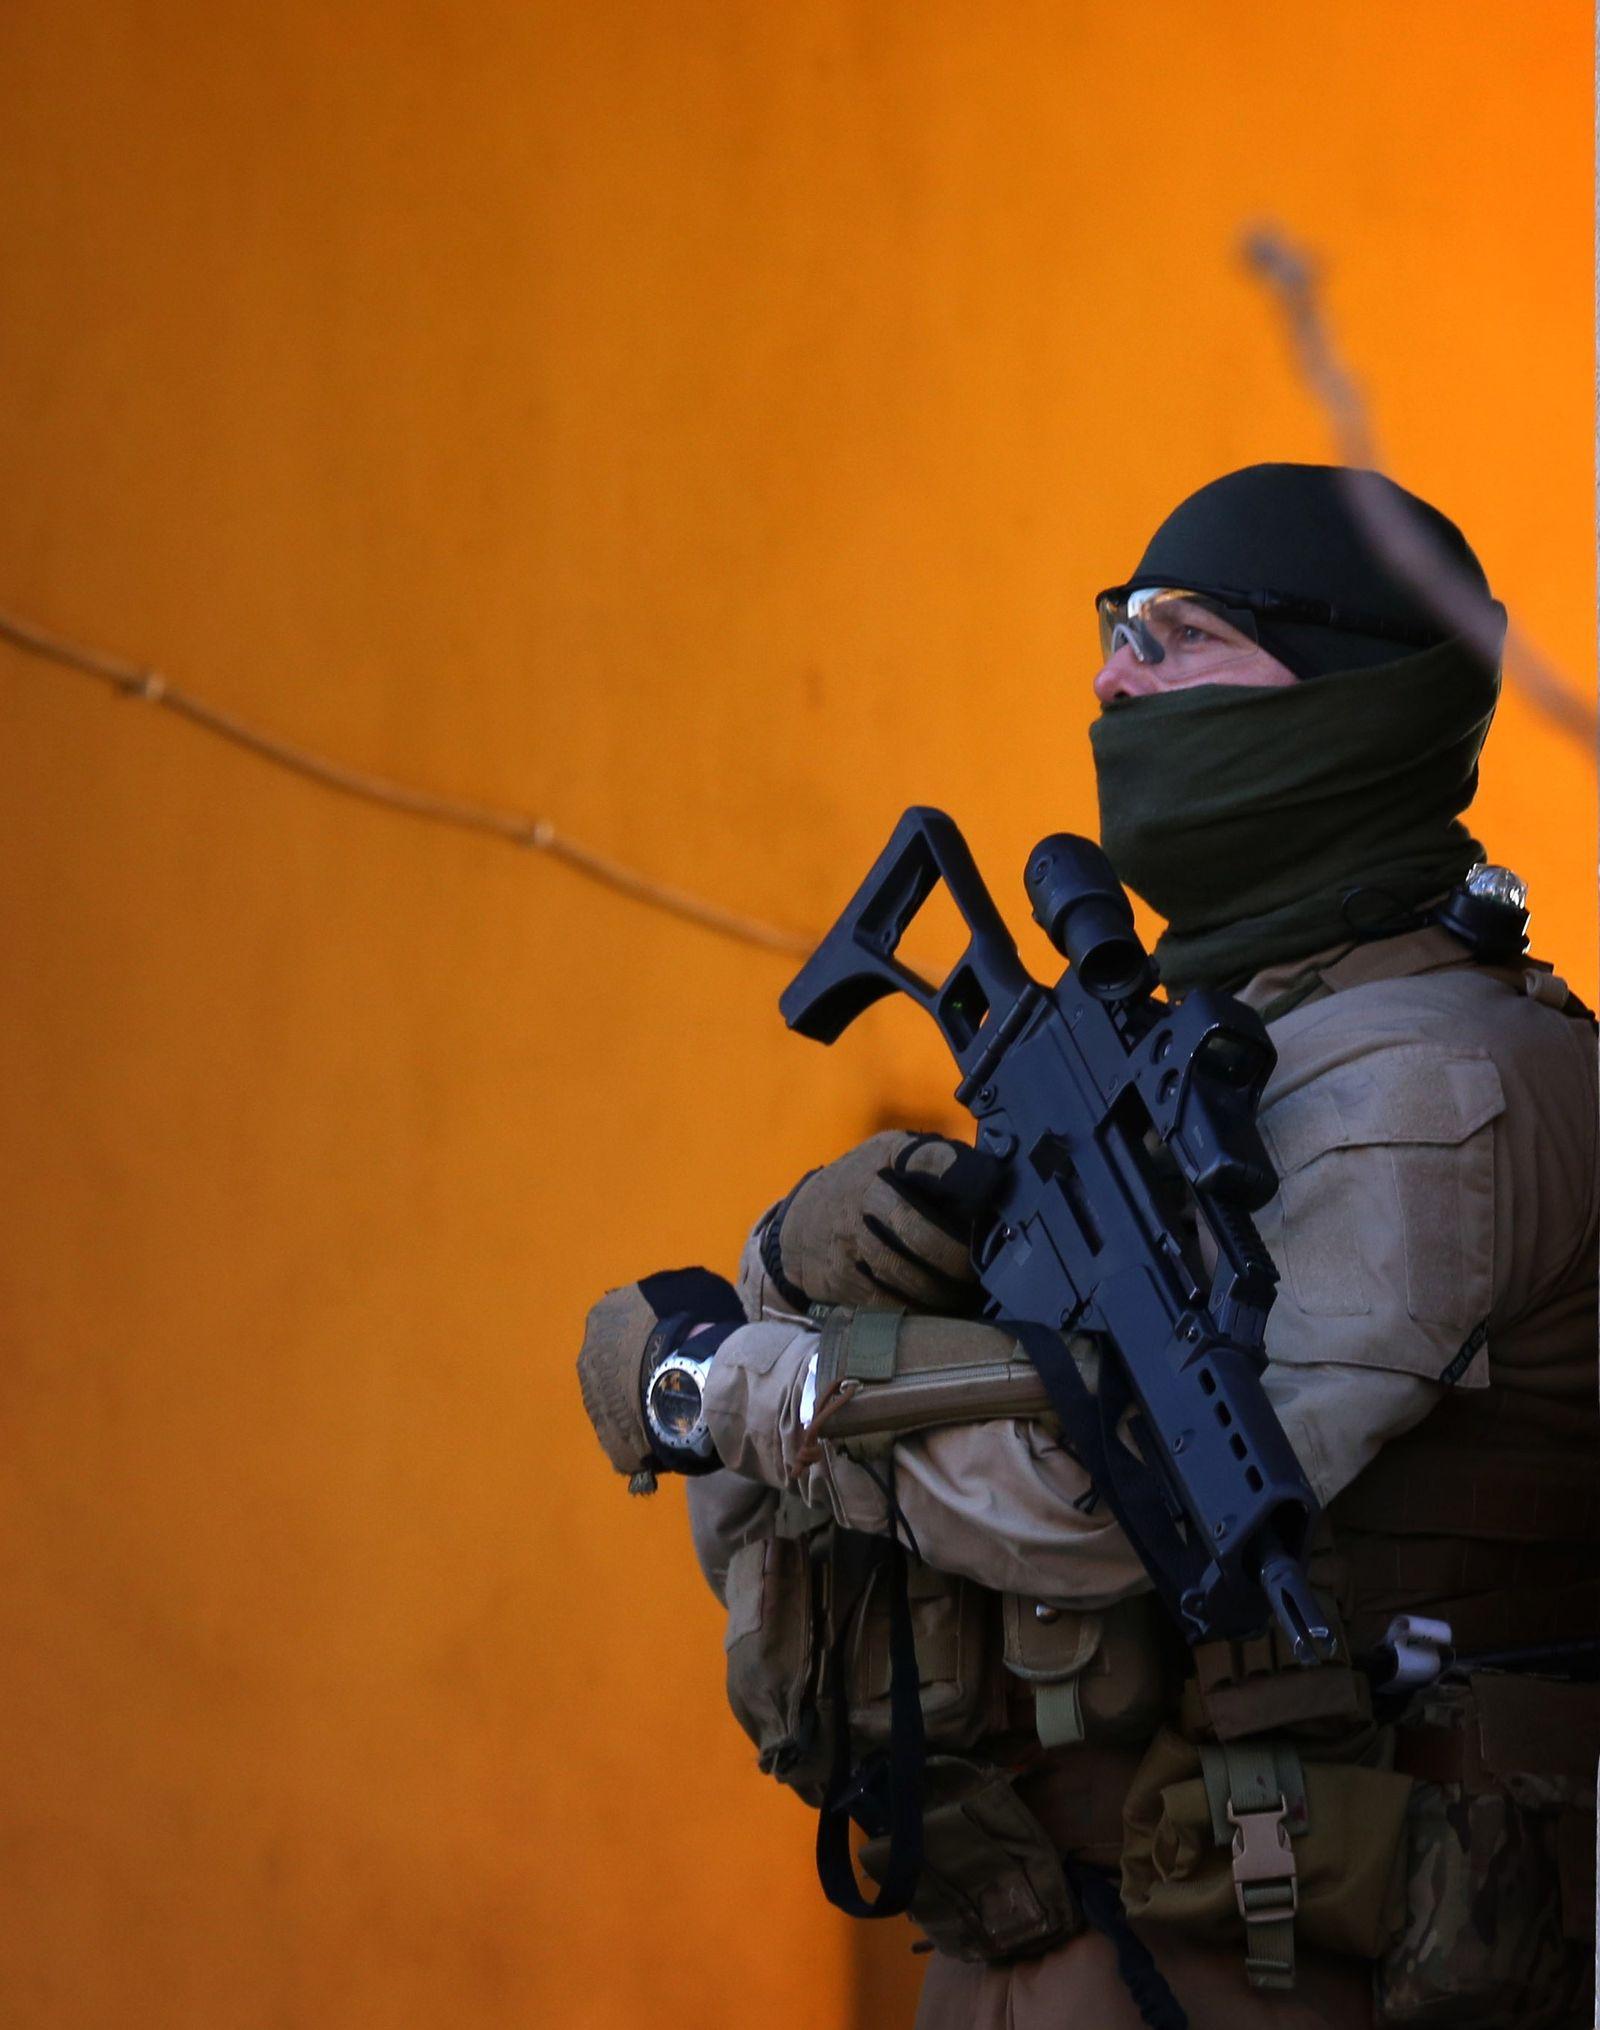 Irak / Ursula von der Leyen / Security